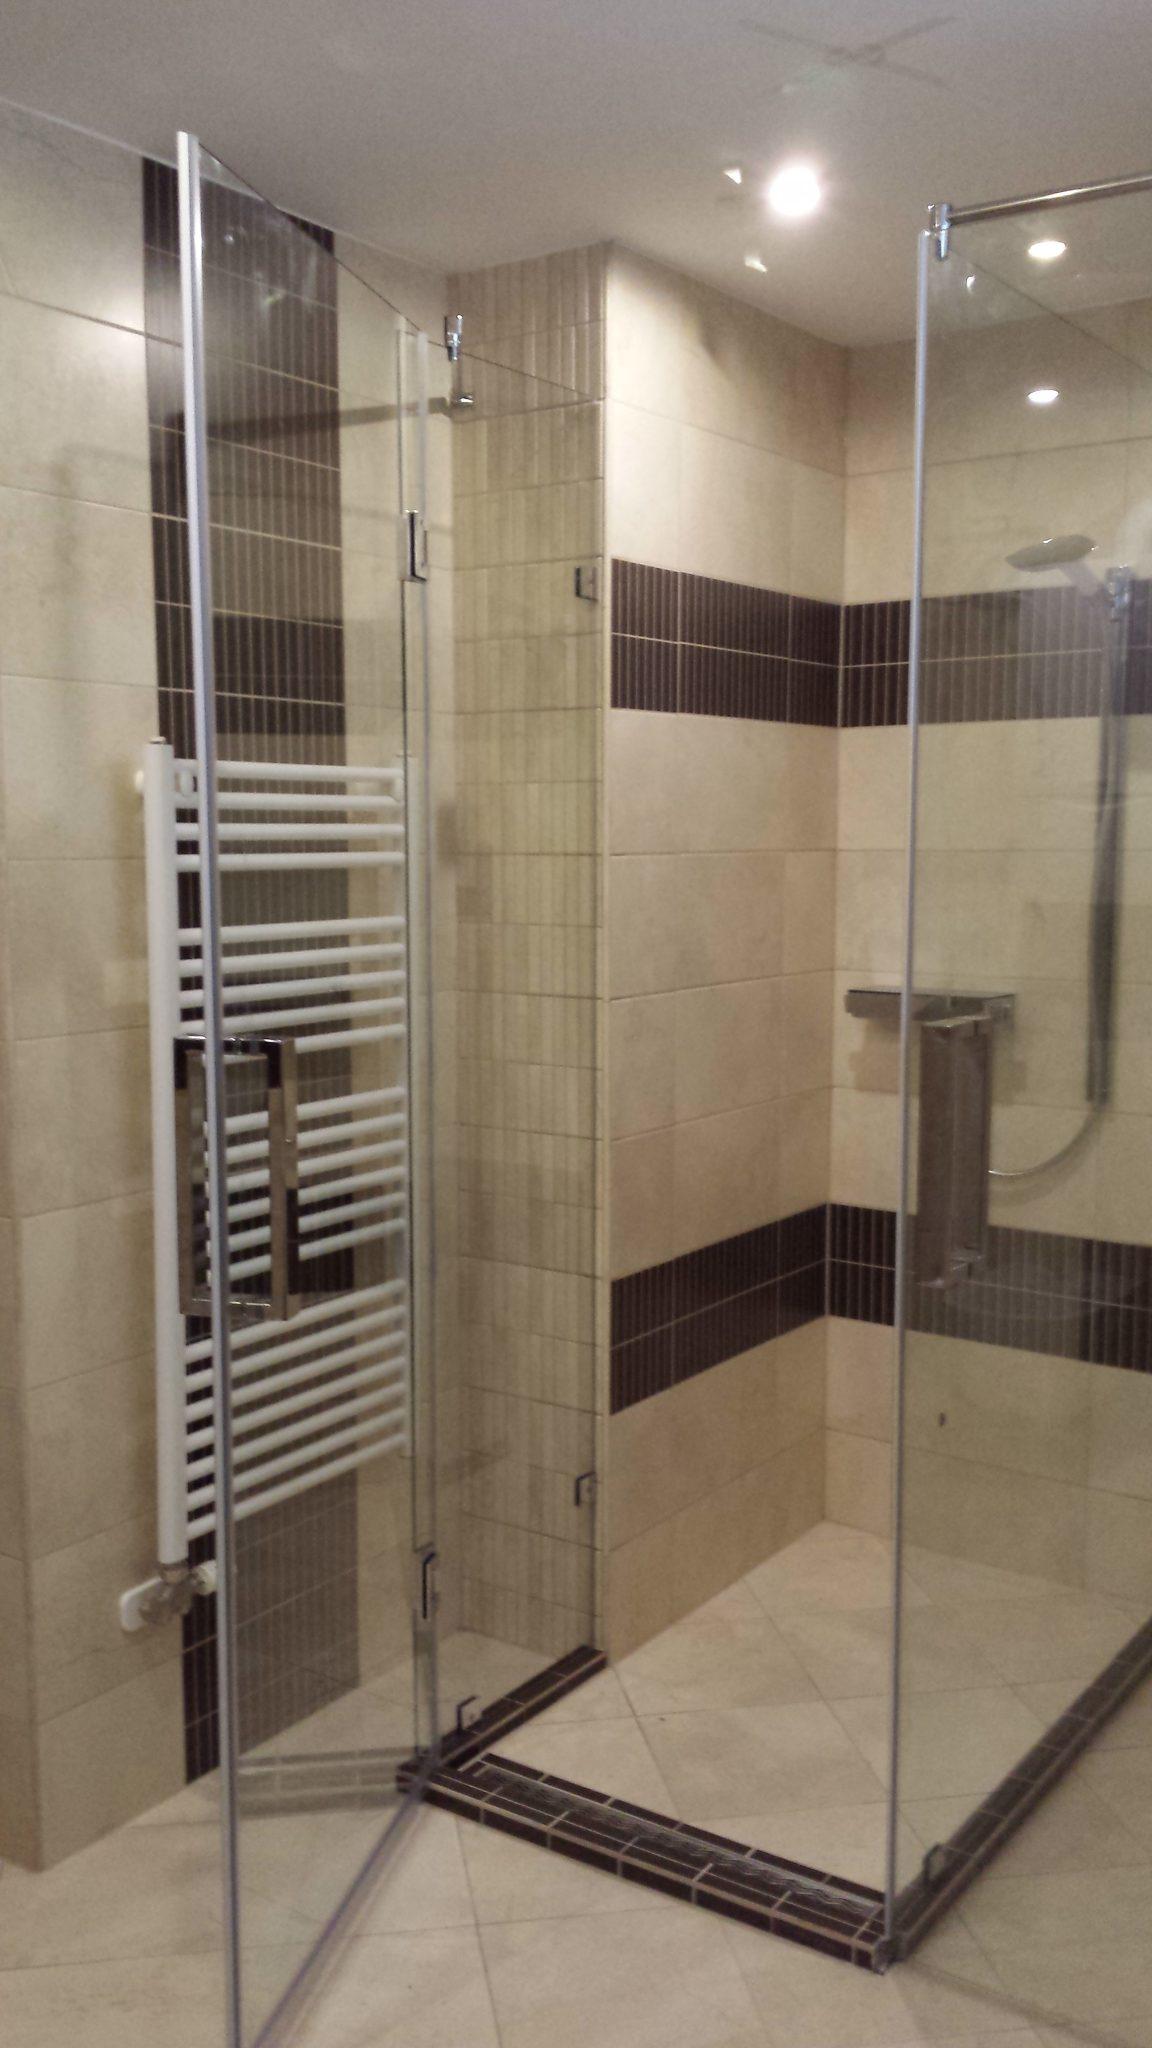 Fürdőszoba és az üveg találkozása - Üveg-Konstrukt